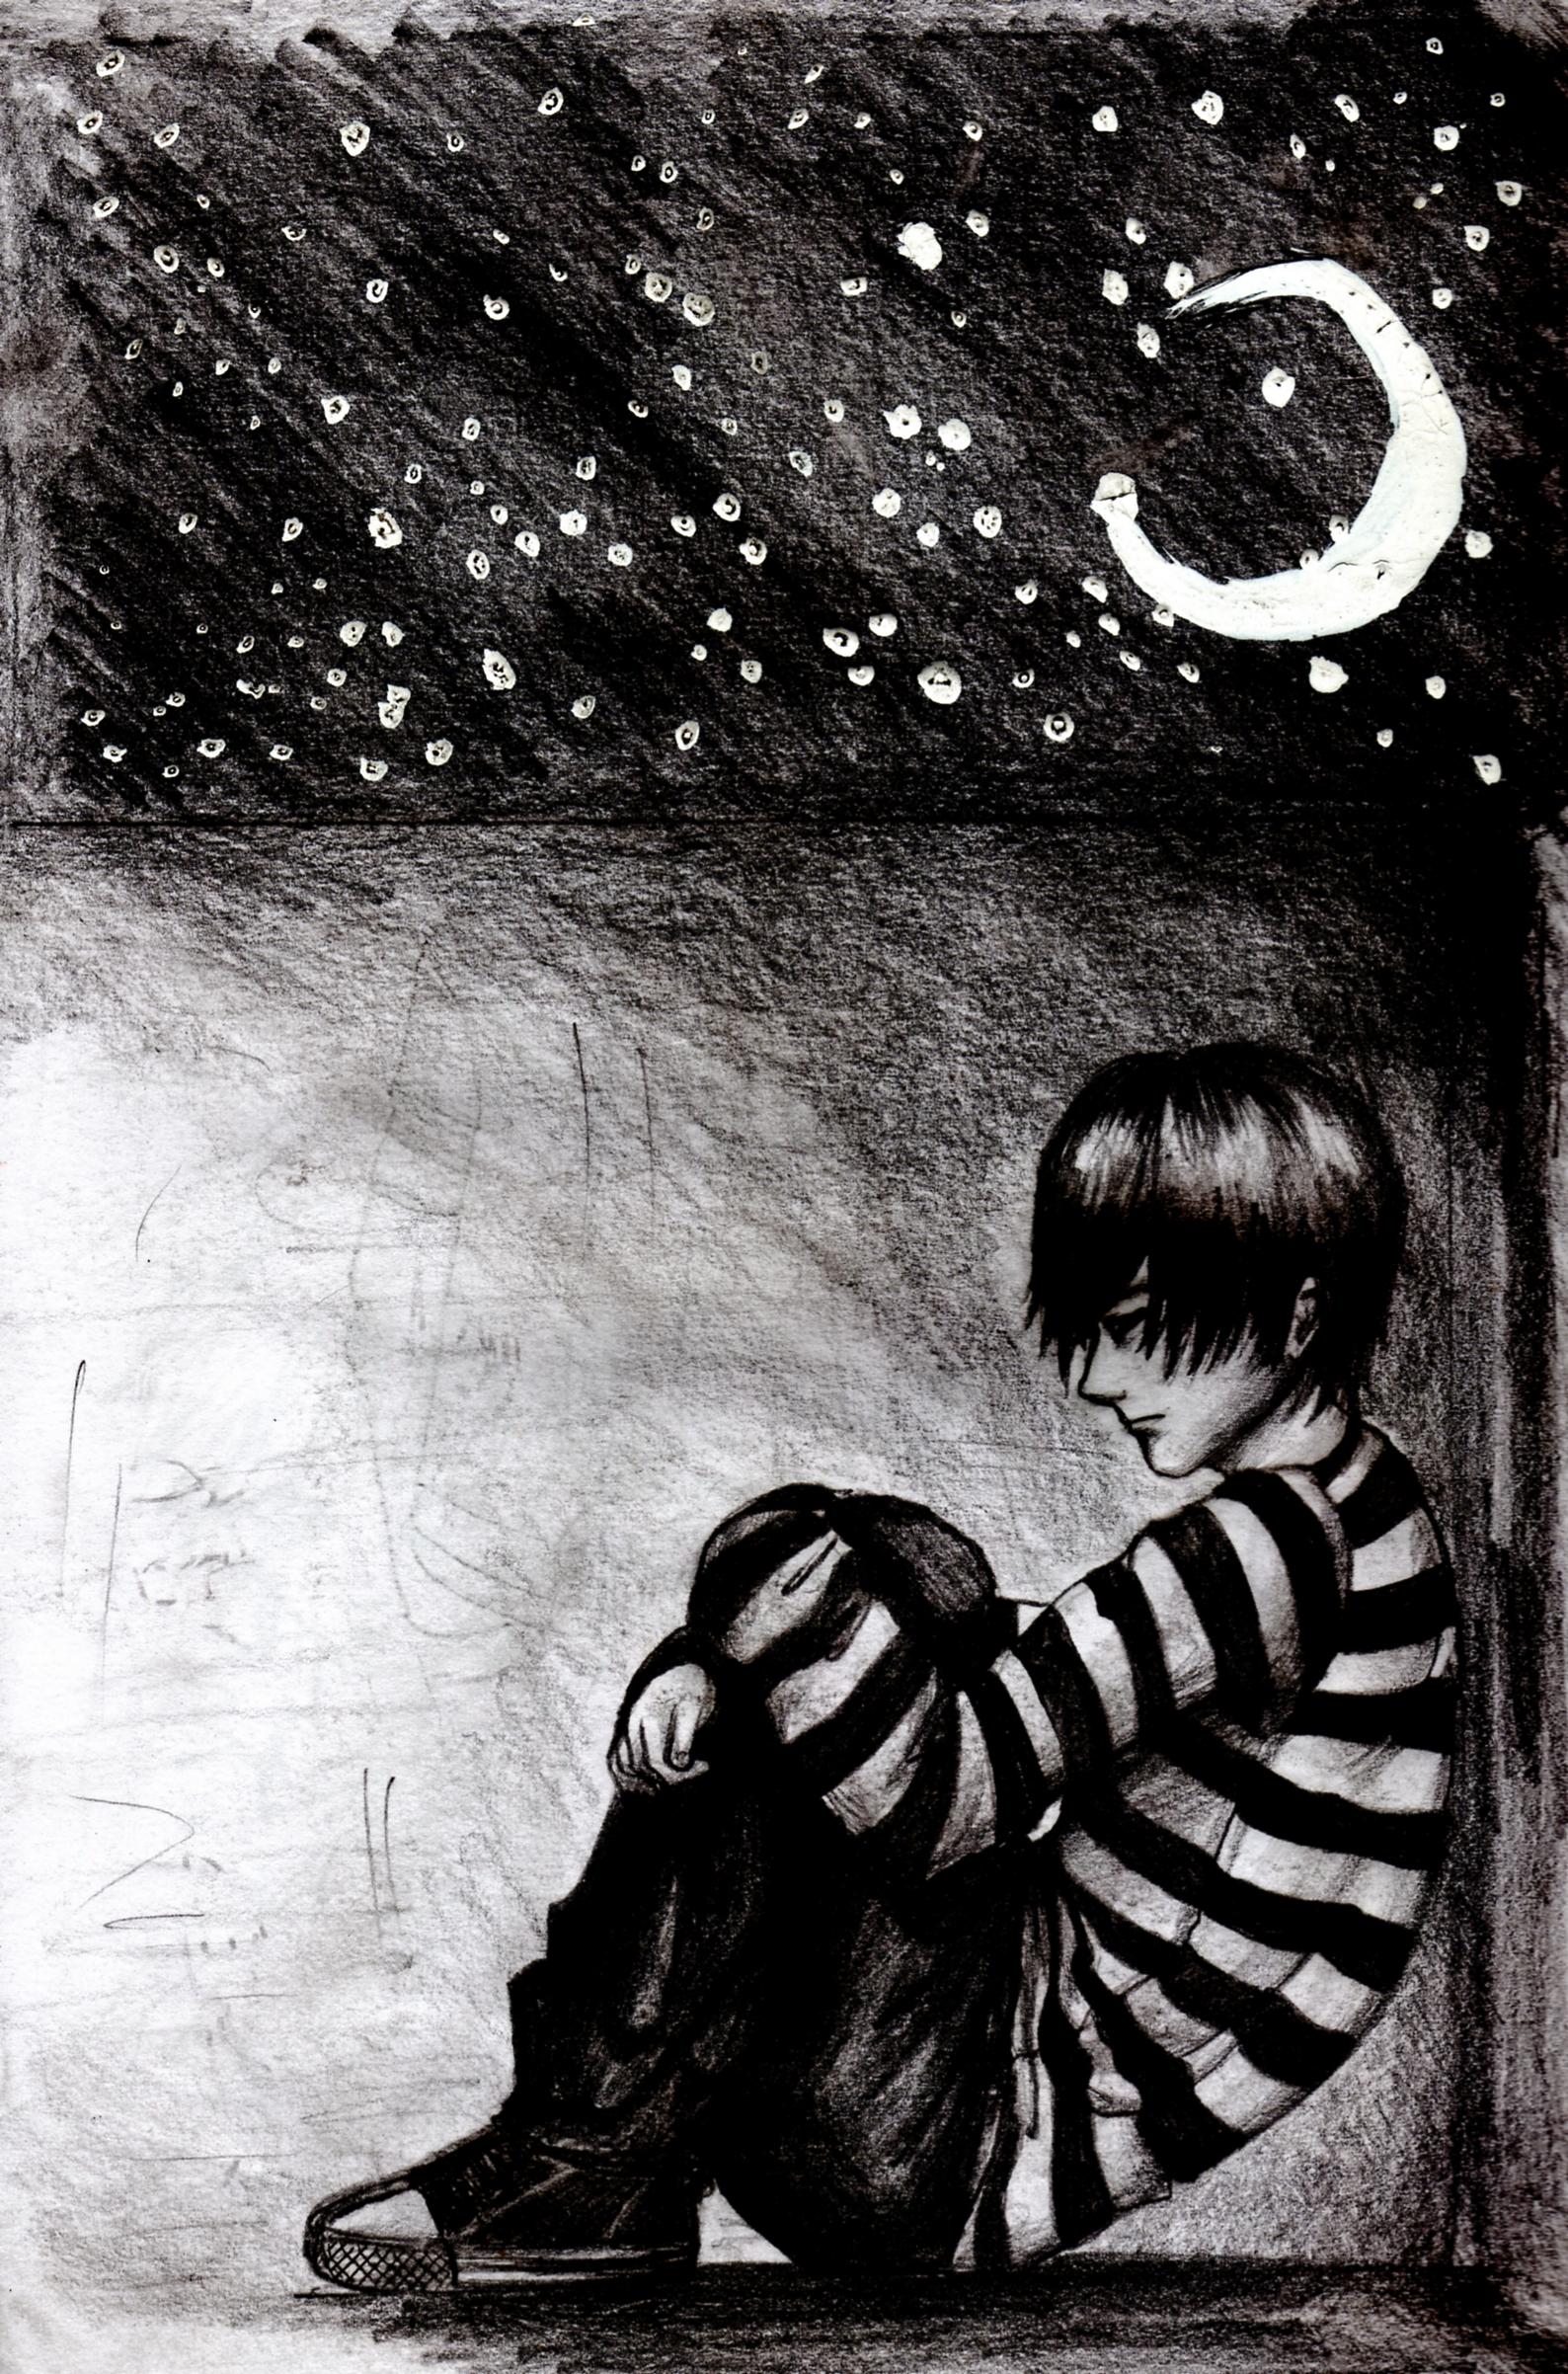 sad boy by kett-L on DeviantArt